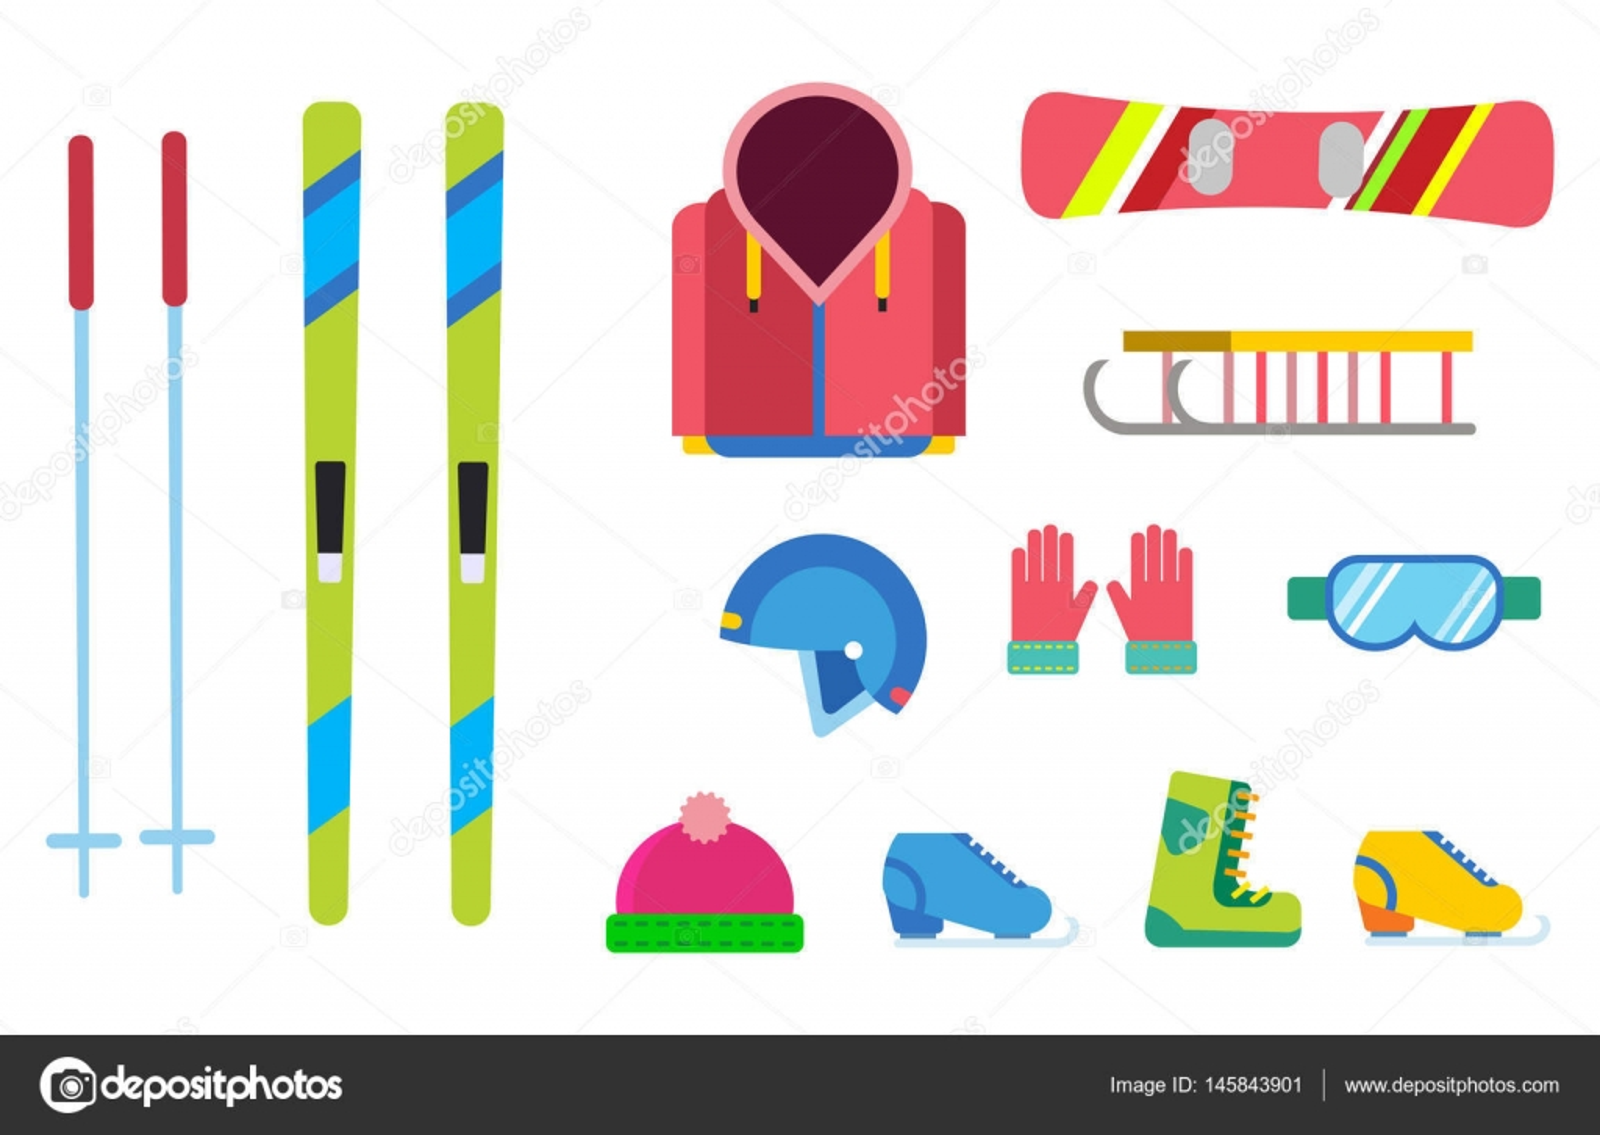 134ec1d5326 Vinter sportspel platt design som isolerade. Ski, sport, aktiv extrimal  sport, vinterspel, sport ikoner, snowboard, vinterkläder — Vektor av ...